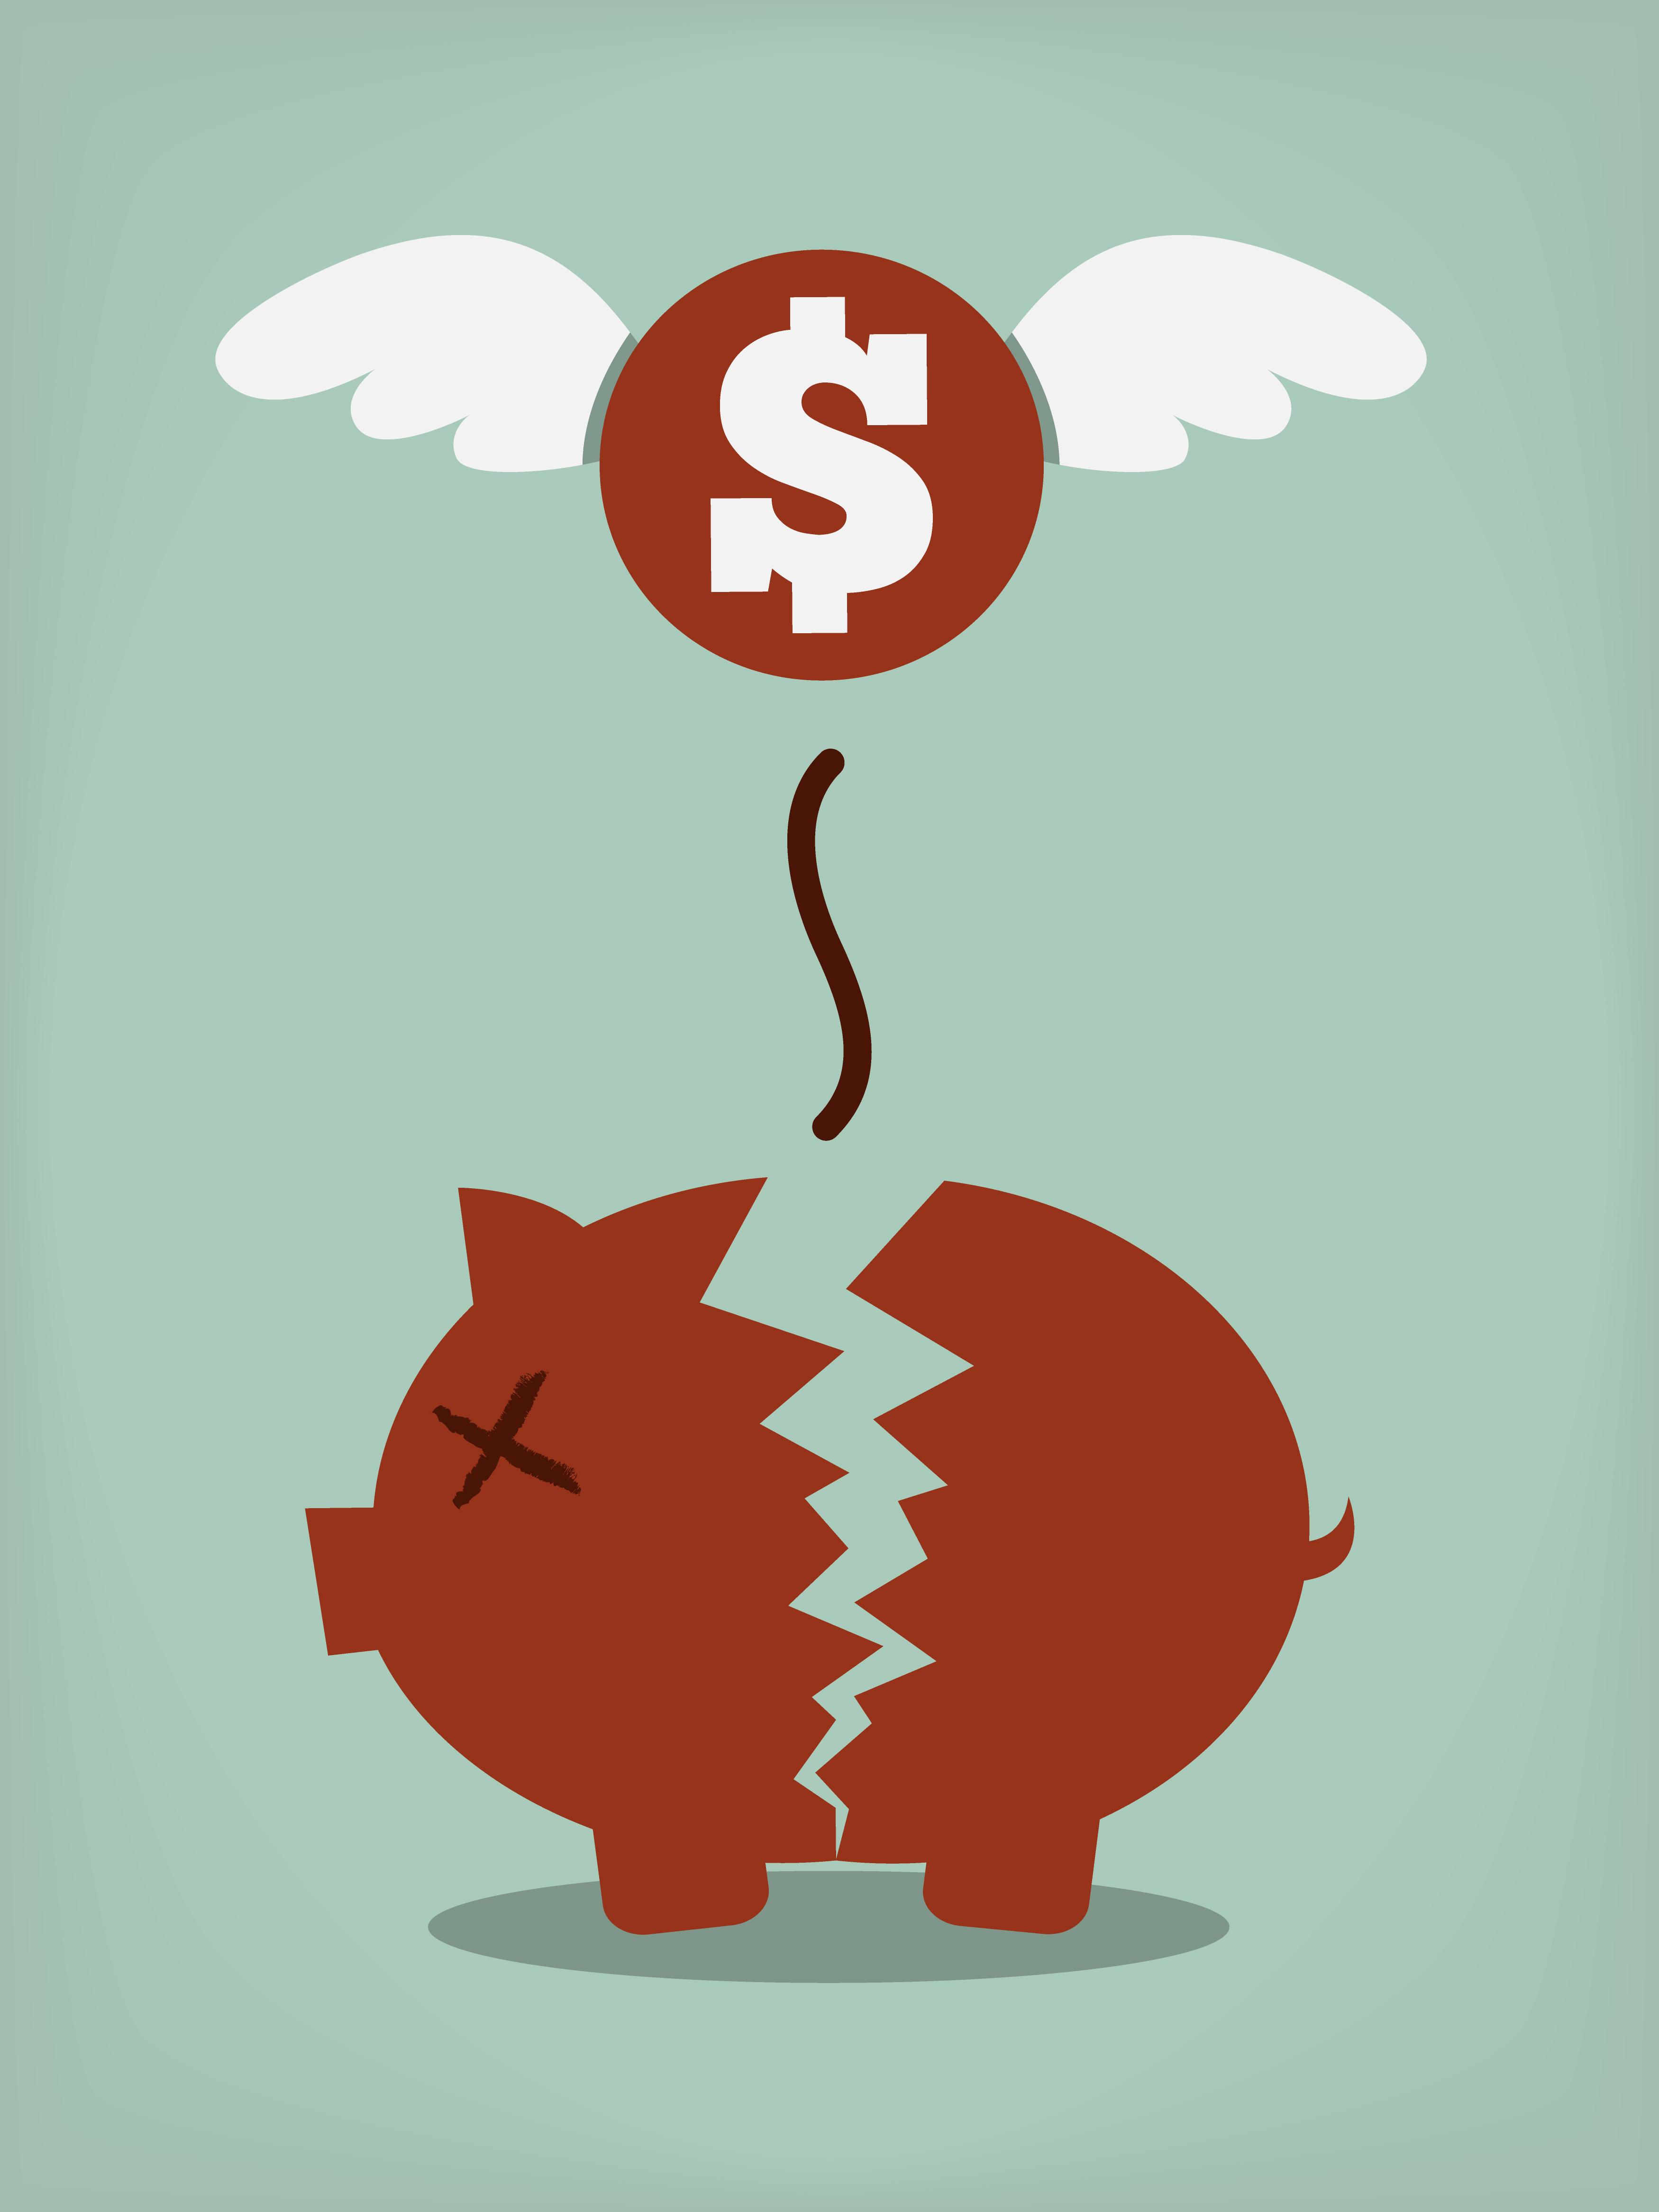 Broken Piggy Bank Free Vector Art.